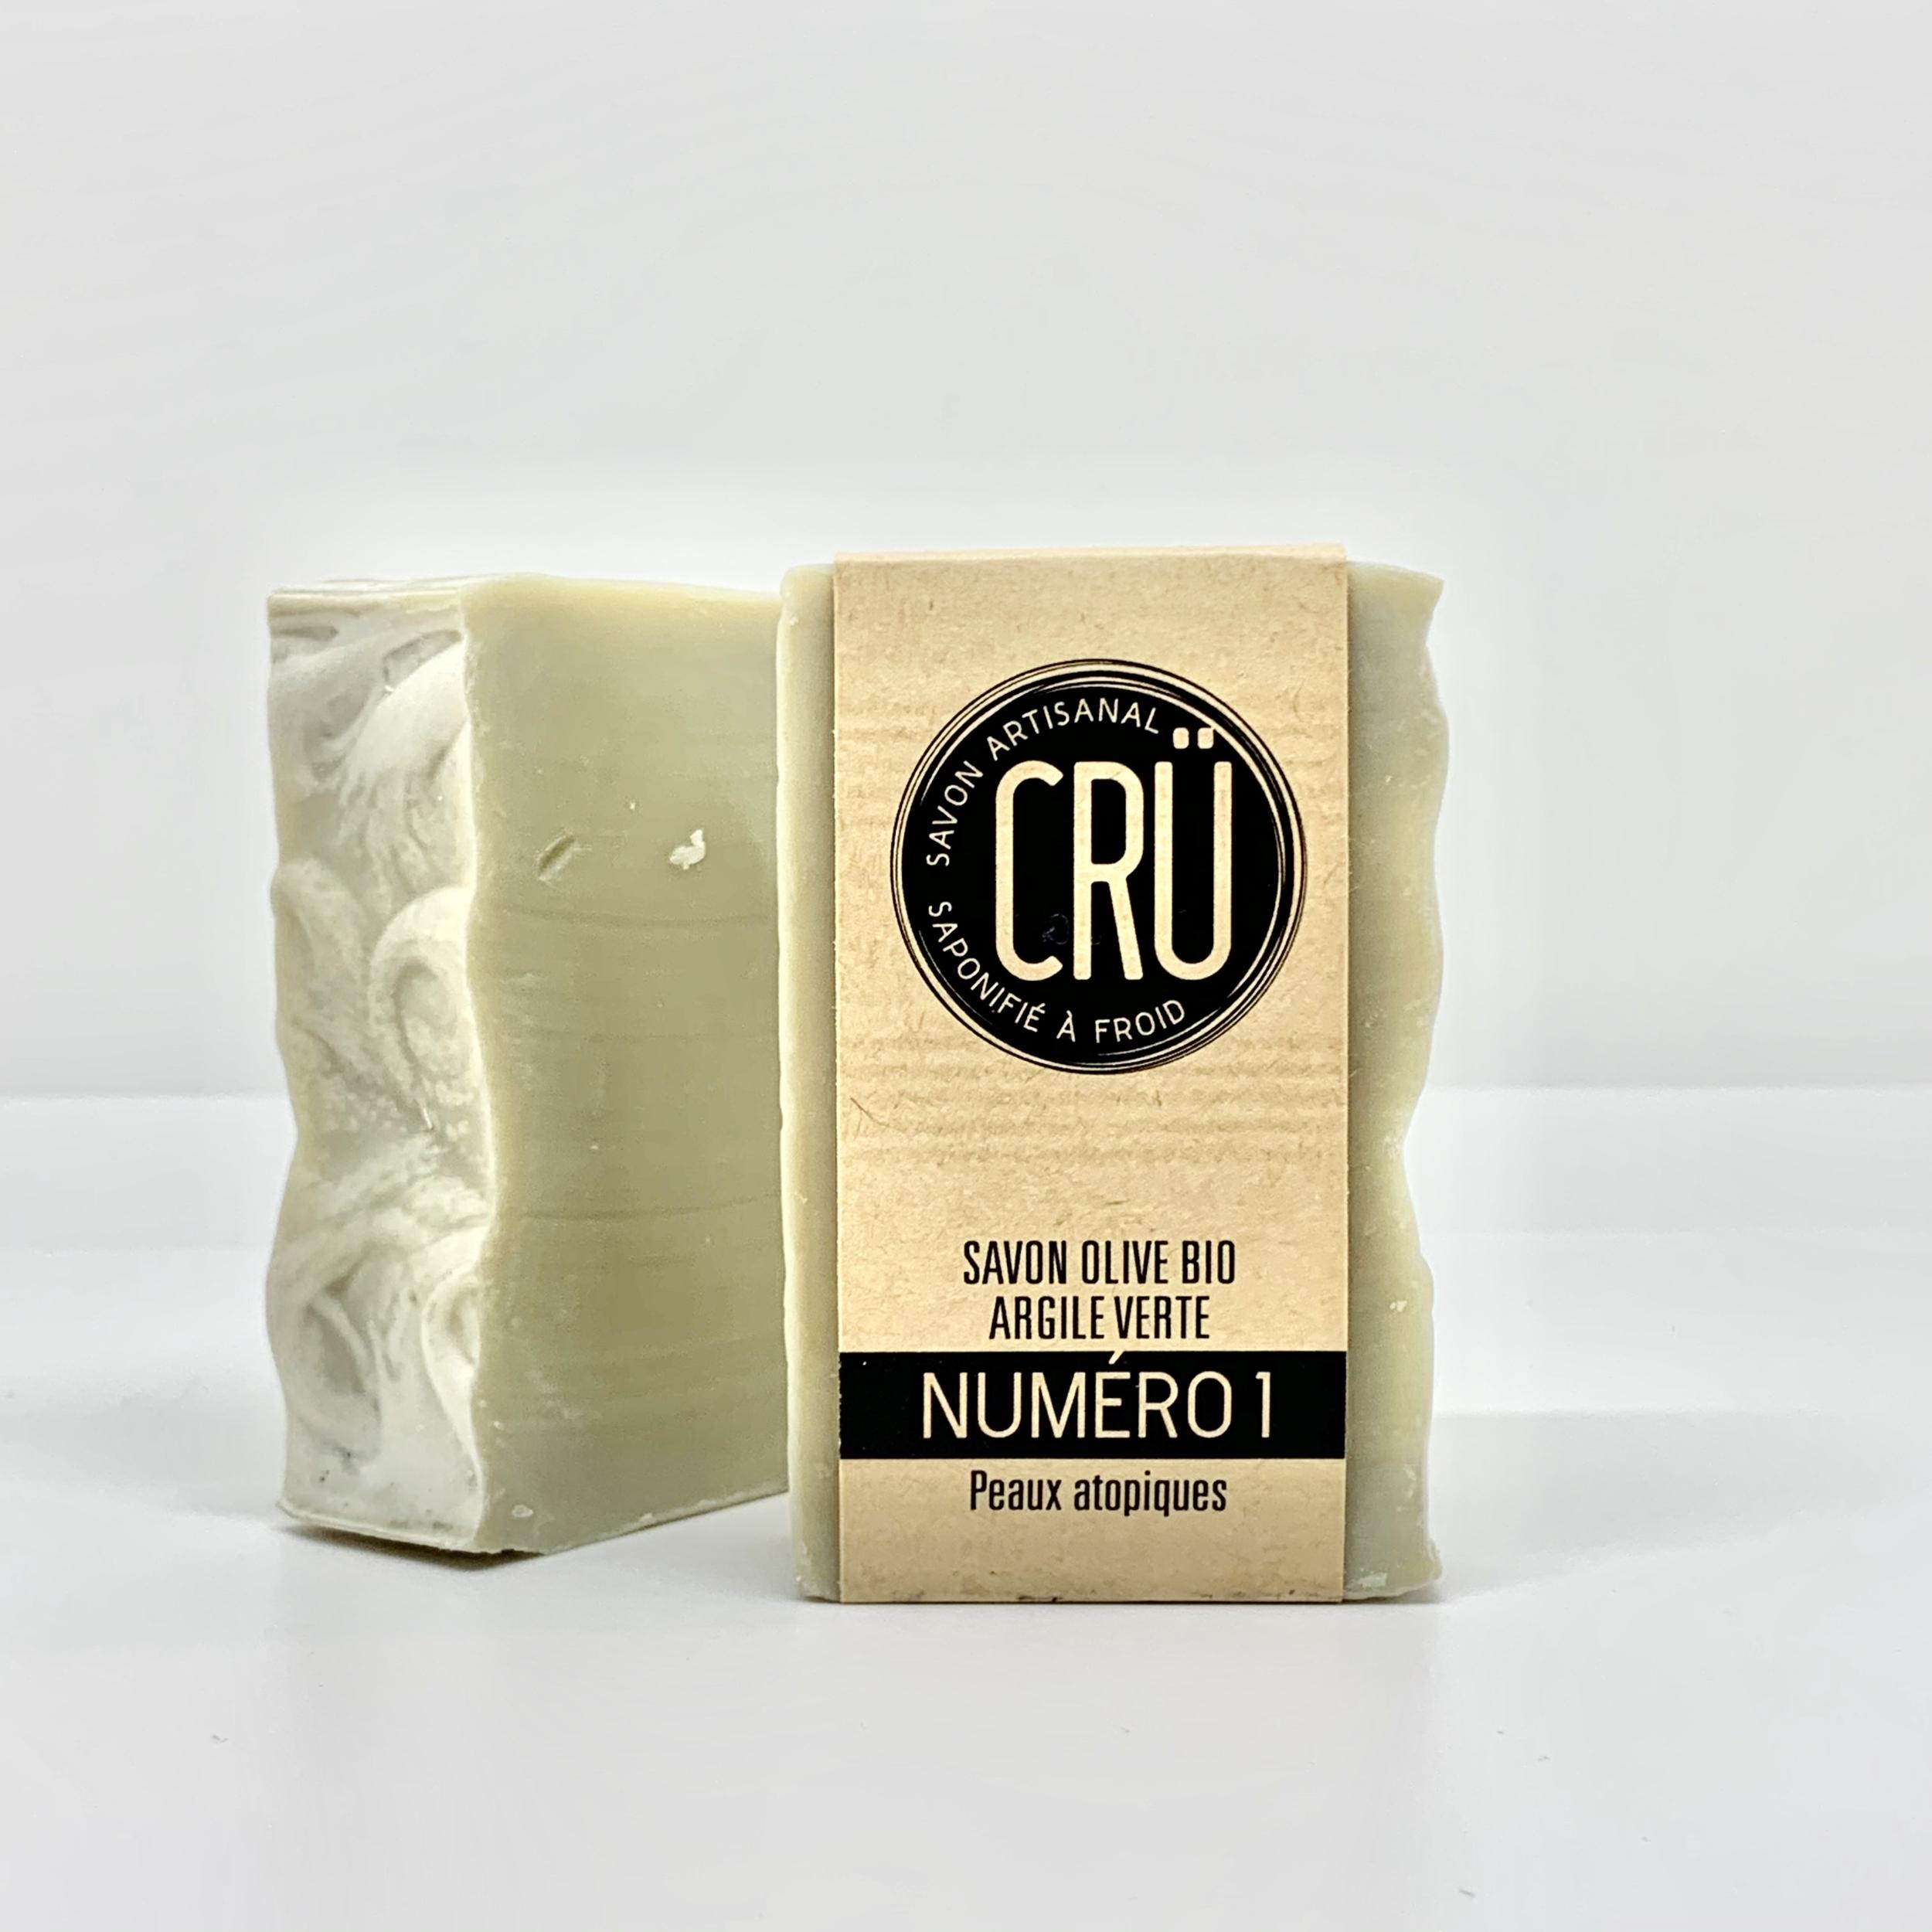 savon artisanal bio CRU N°1